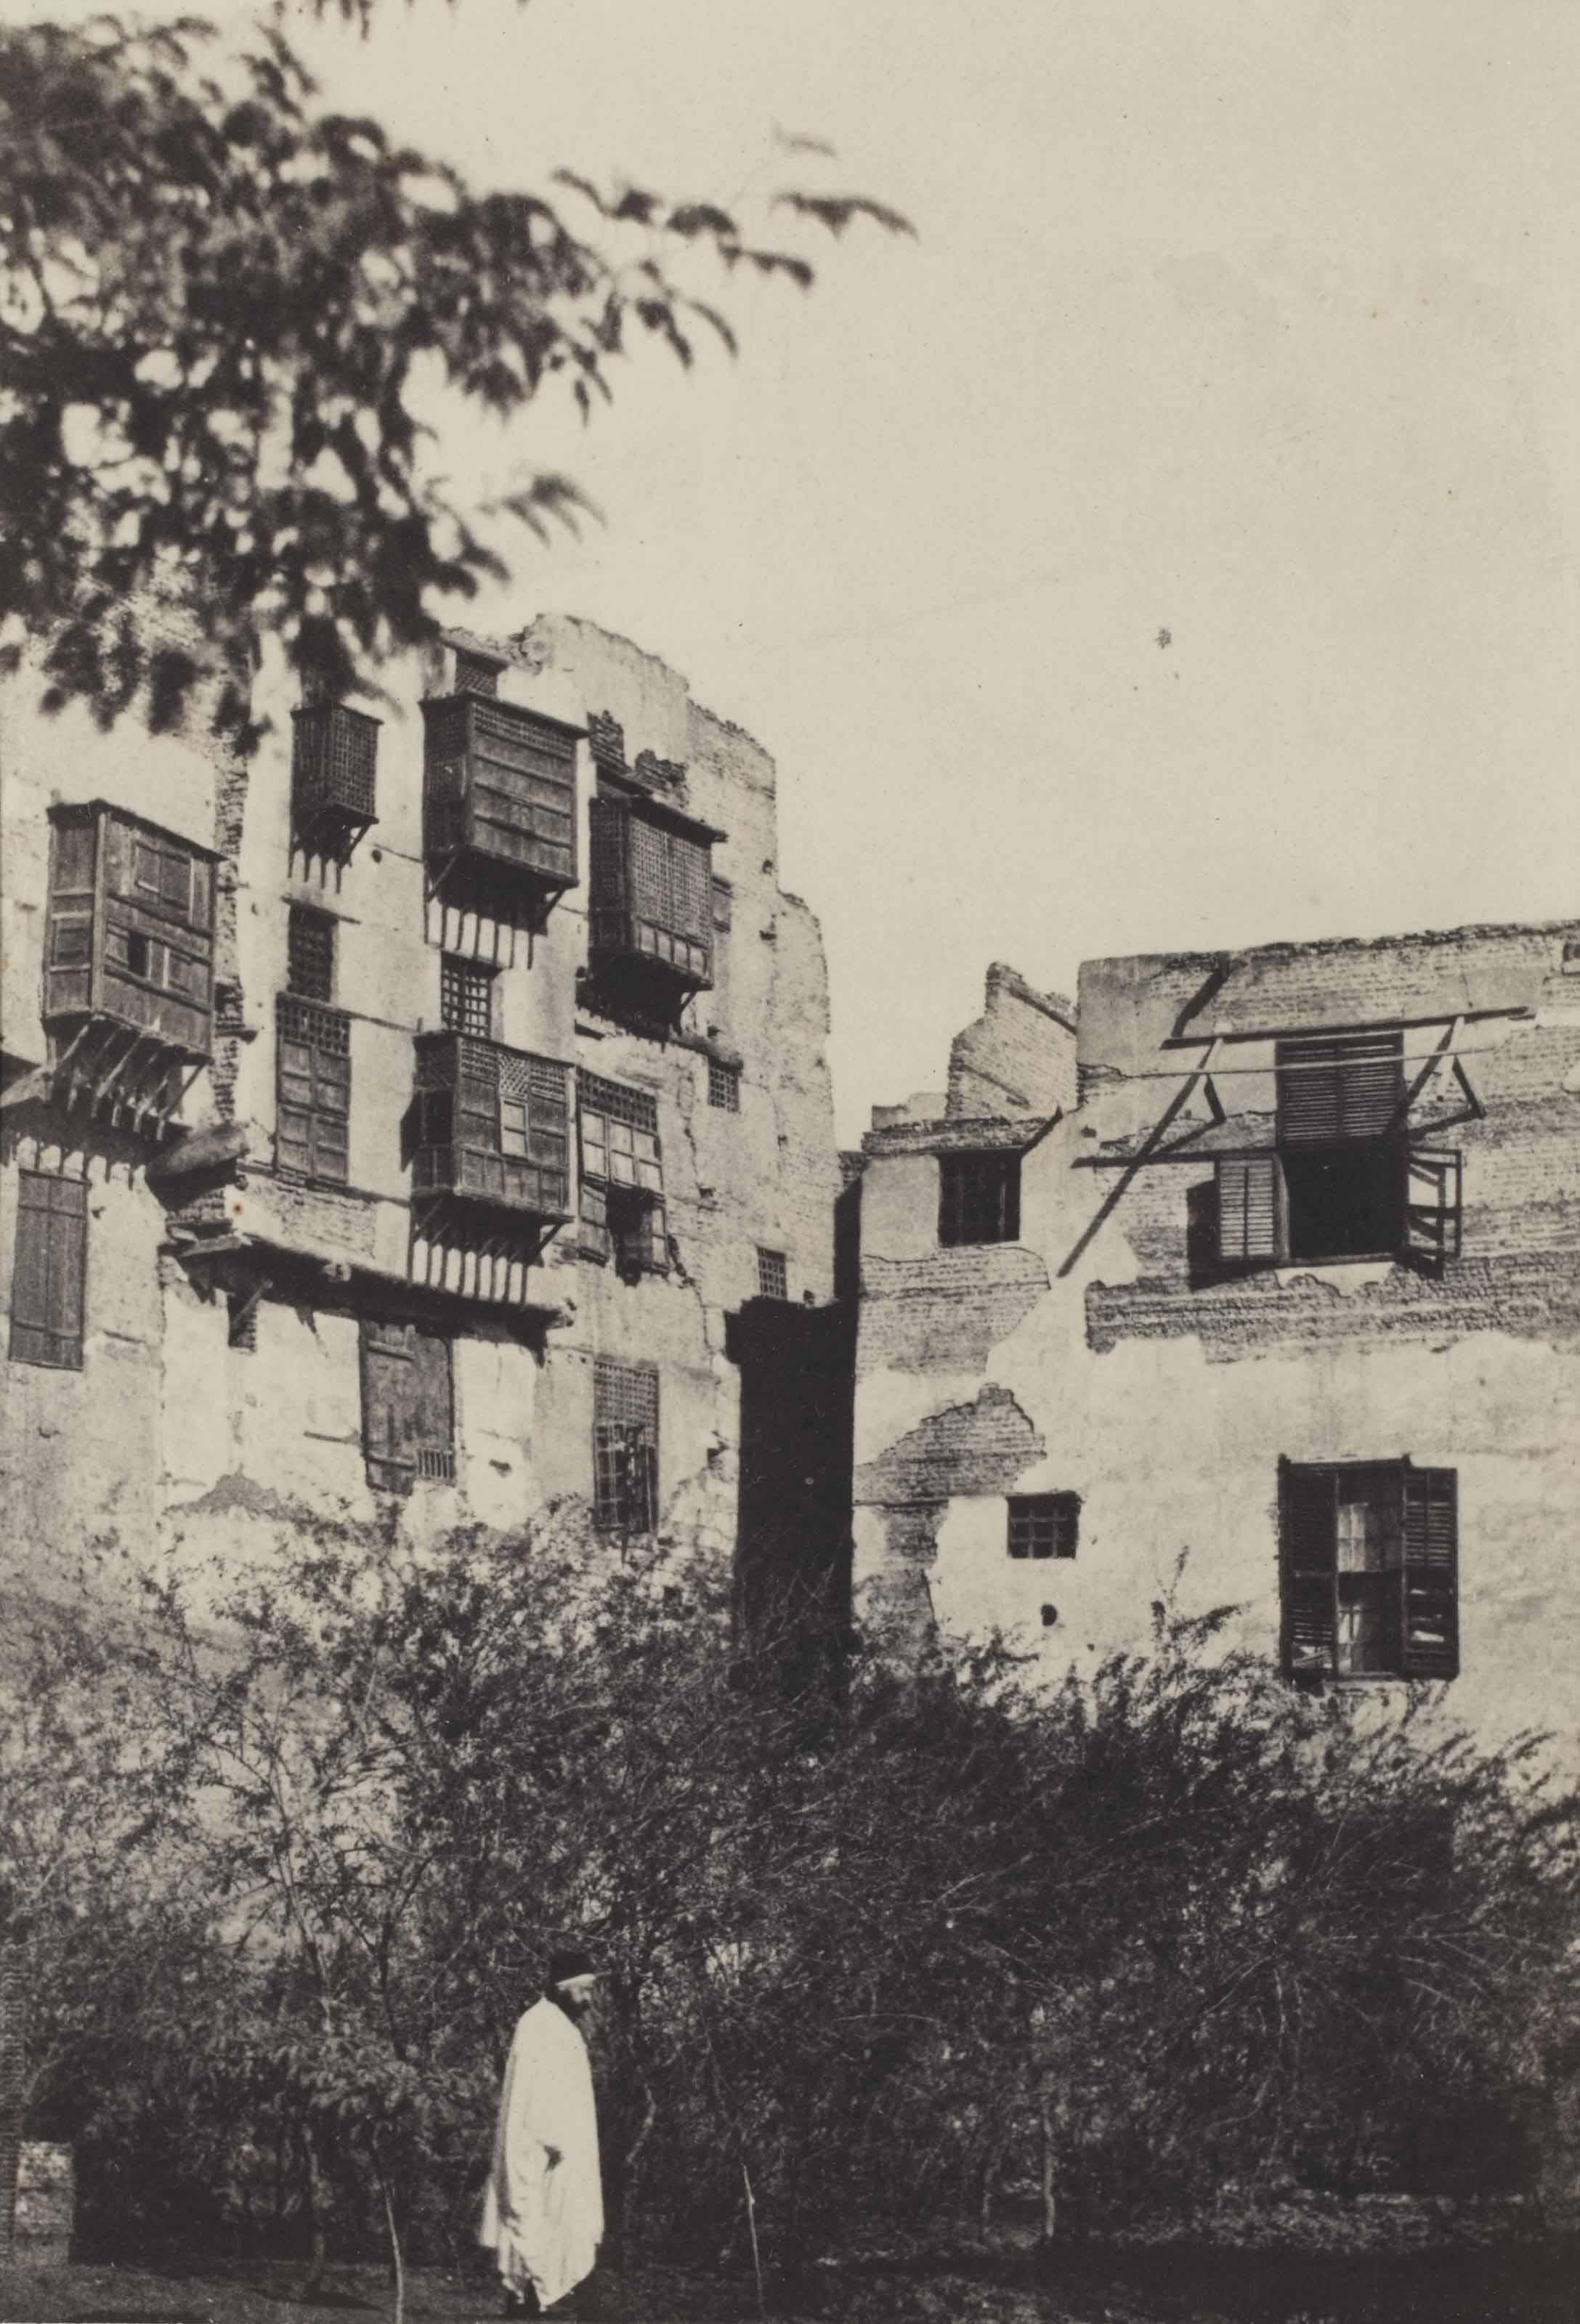 Gustave Flaubert, Le Caire, Maison et jardin dans le quartier Frank, 1850